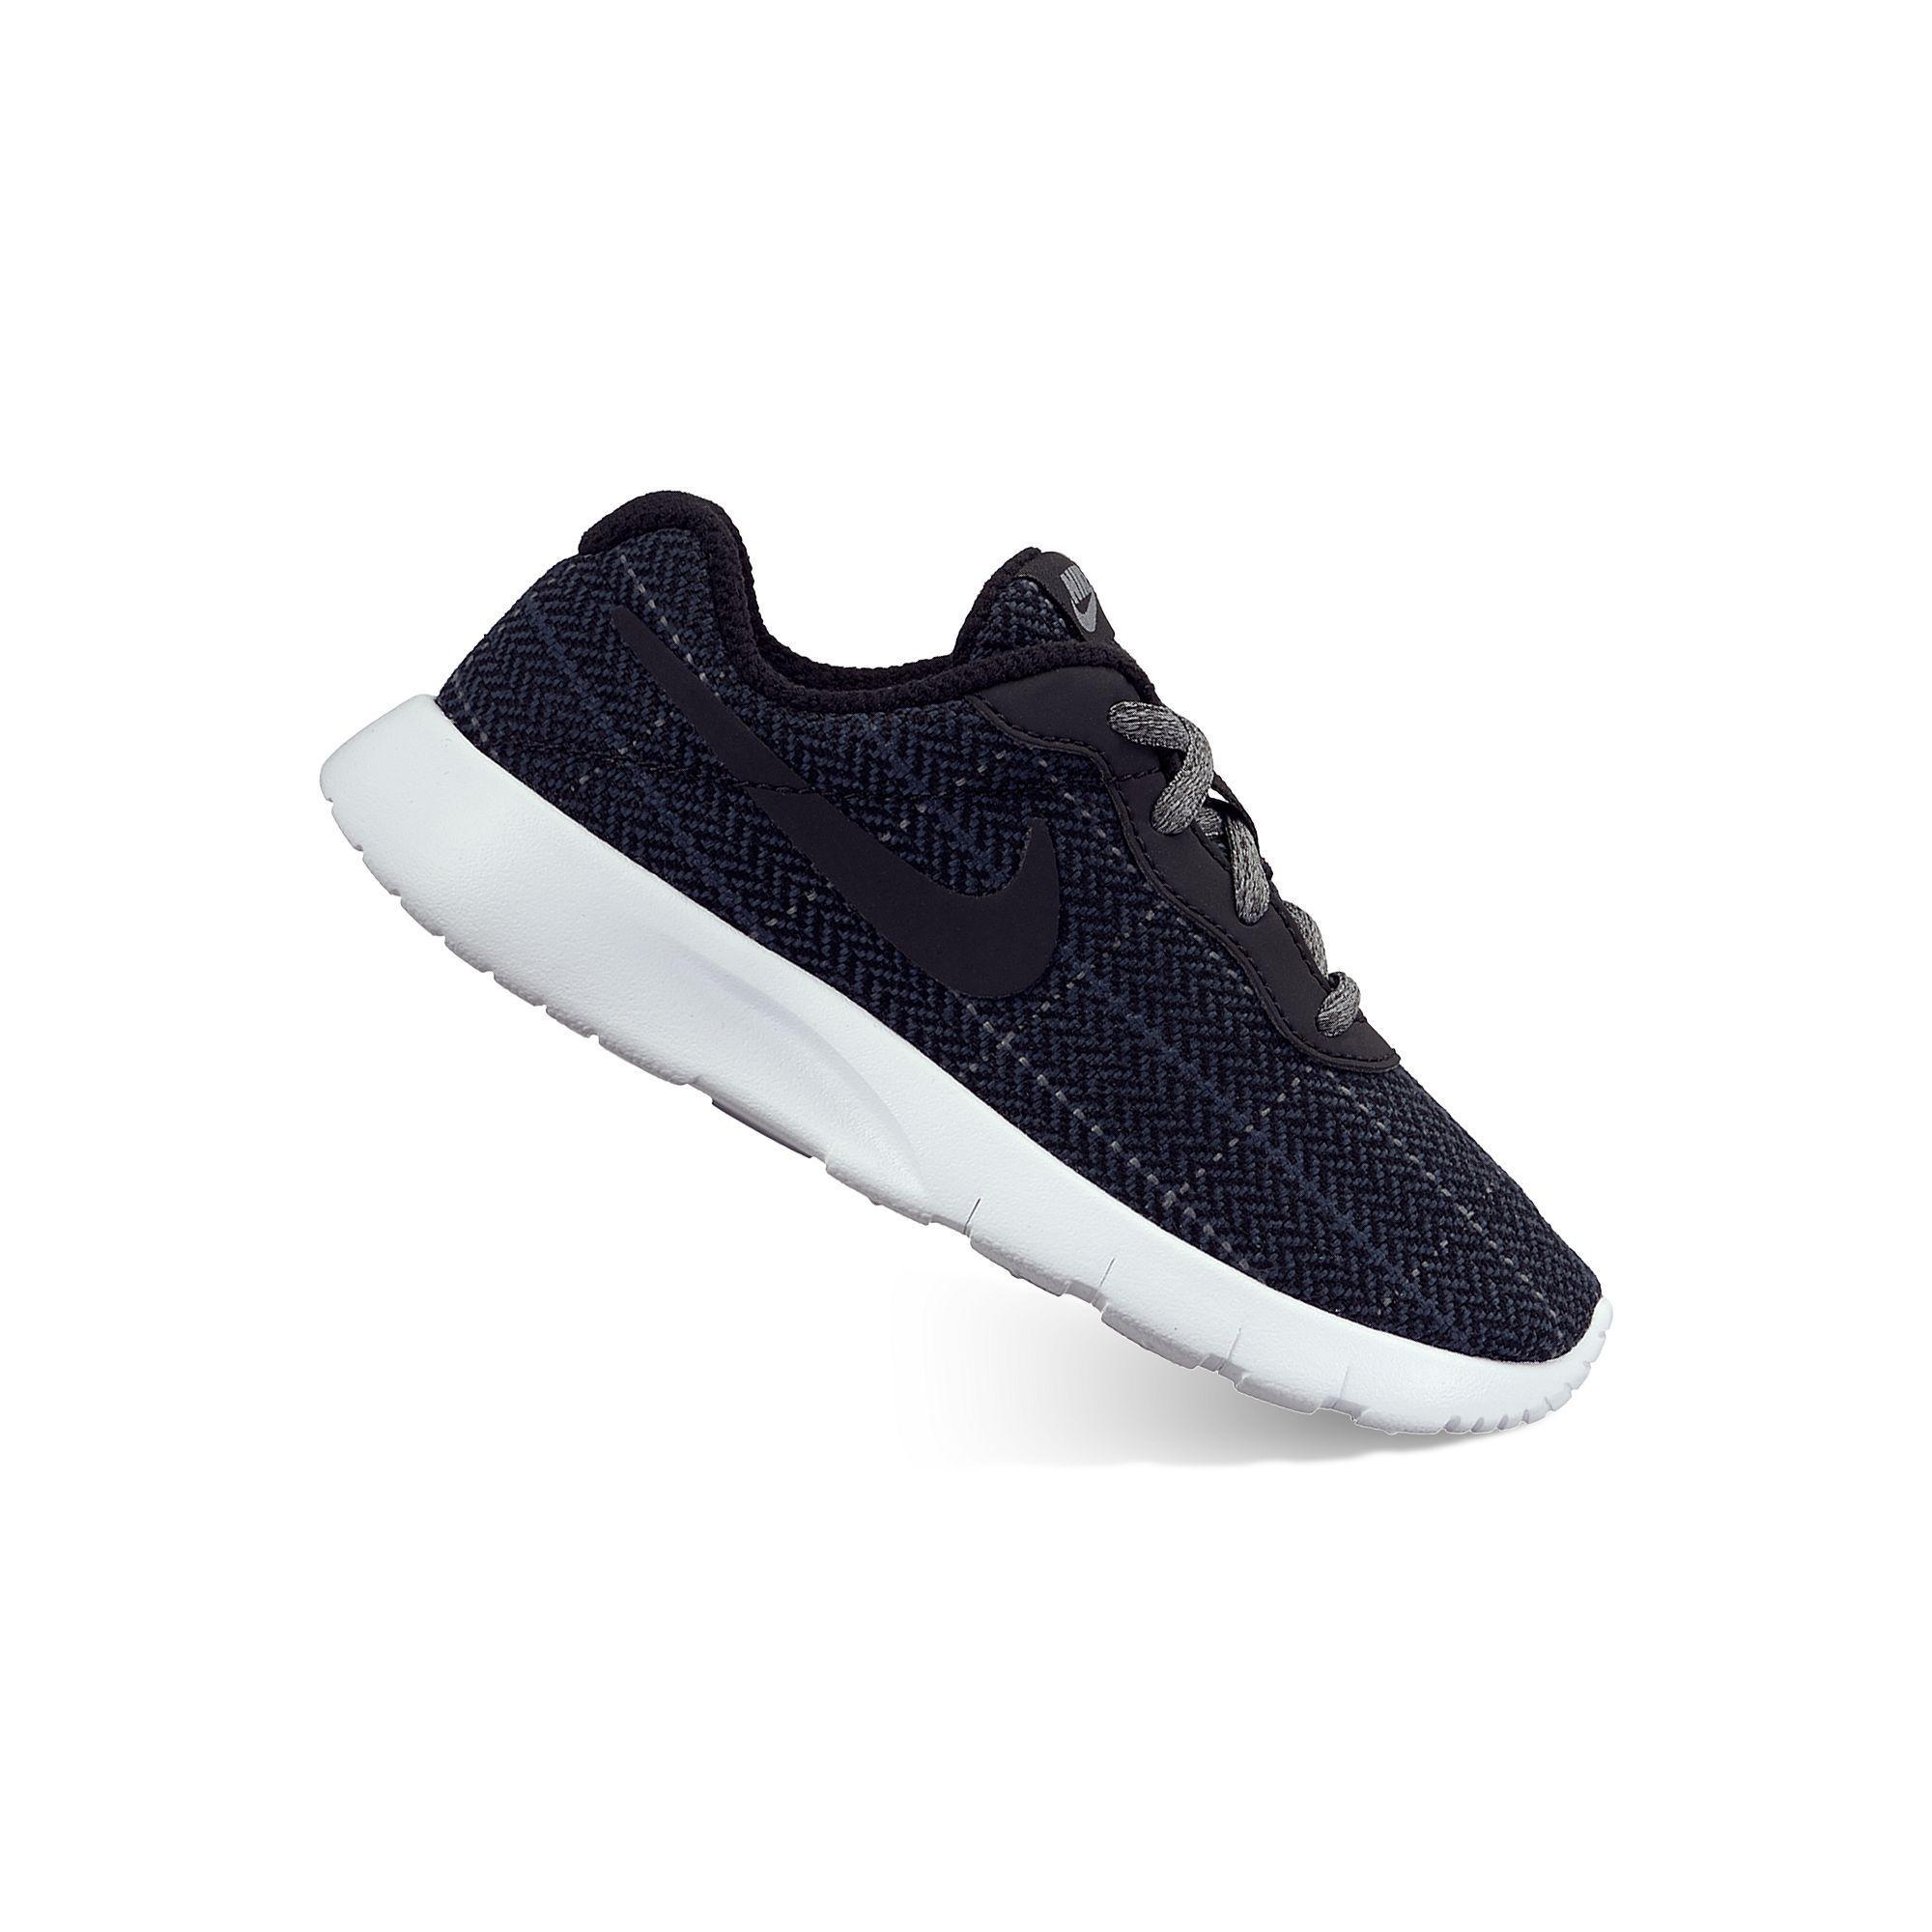 Nike Tanjun SE Preschool Boys' Shoes Nike tanjun and Products